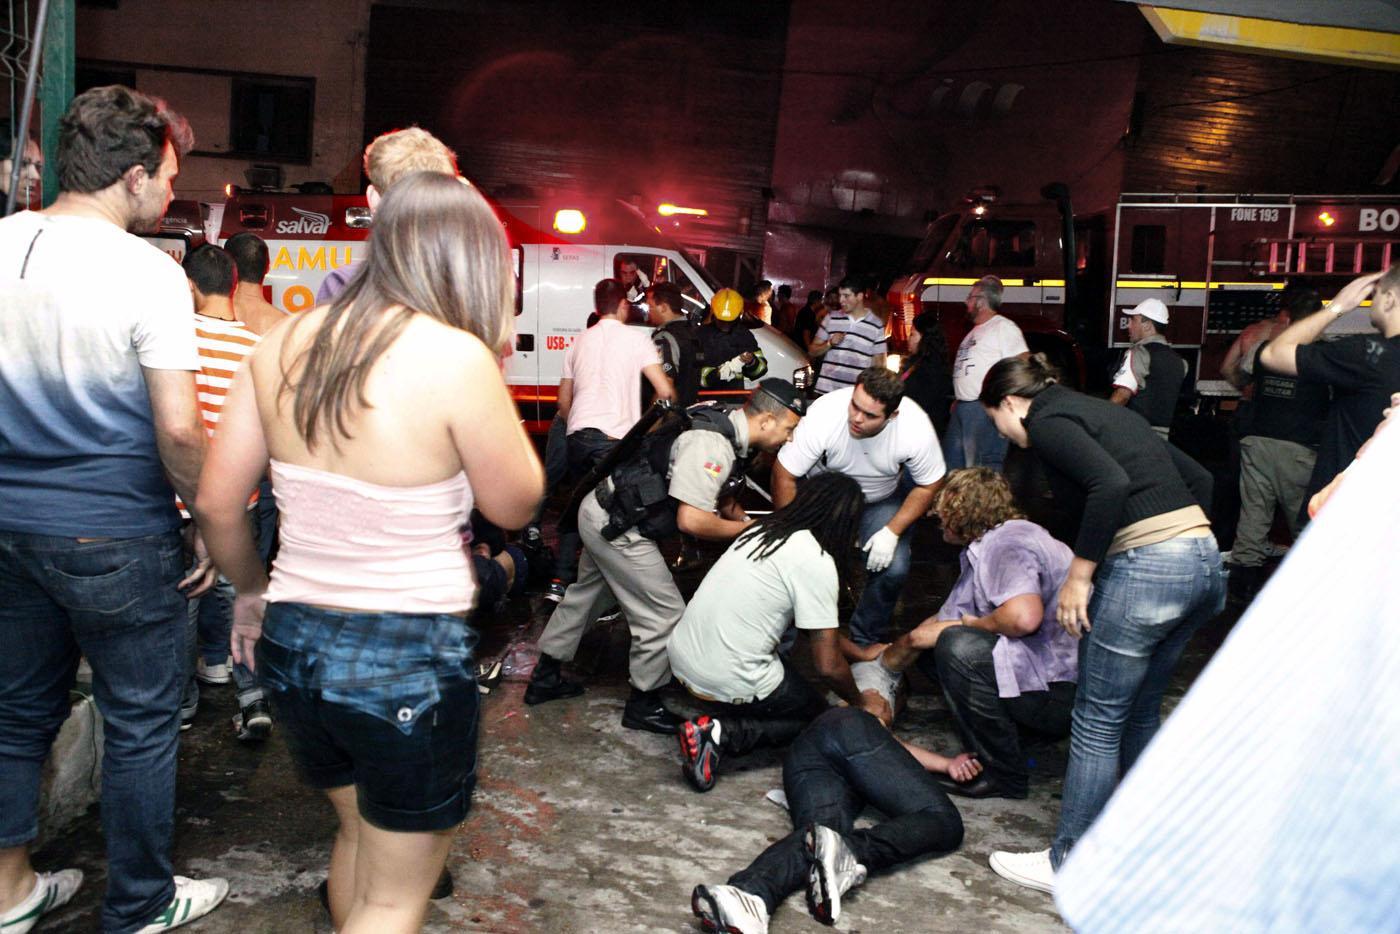 Foto de Tragedia en Brasil - Tomada de lapatilla.com